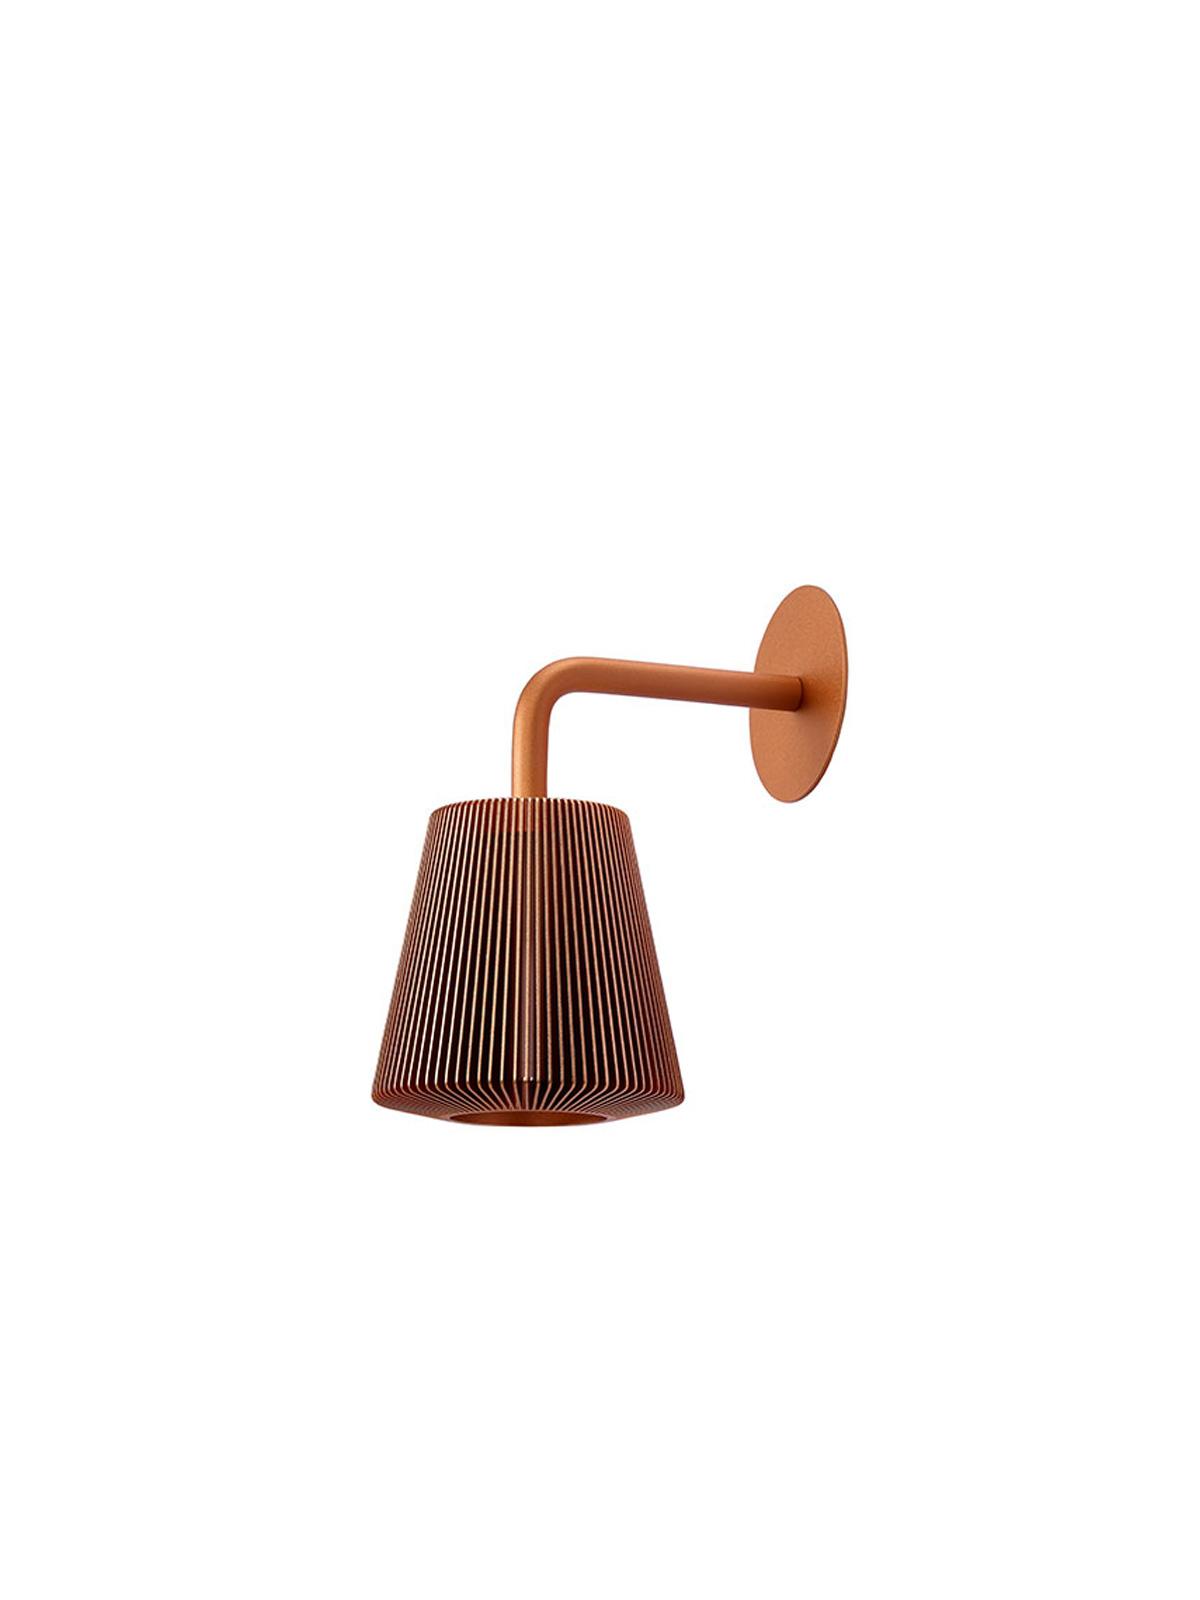 Bramah Bedside Bettleuchte Wandlampe eoq